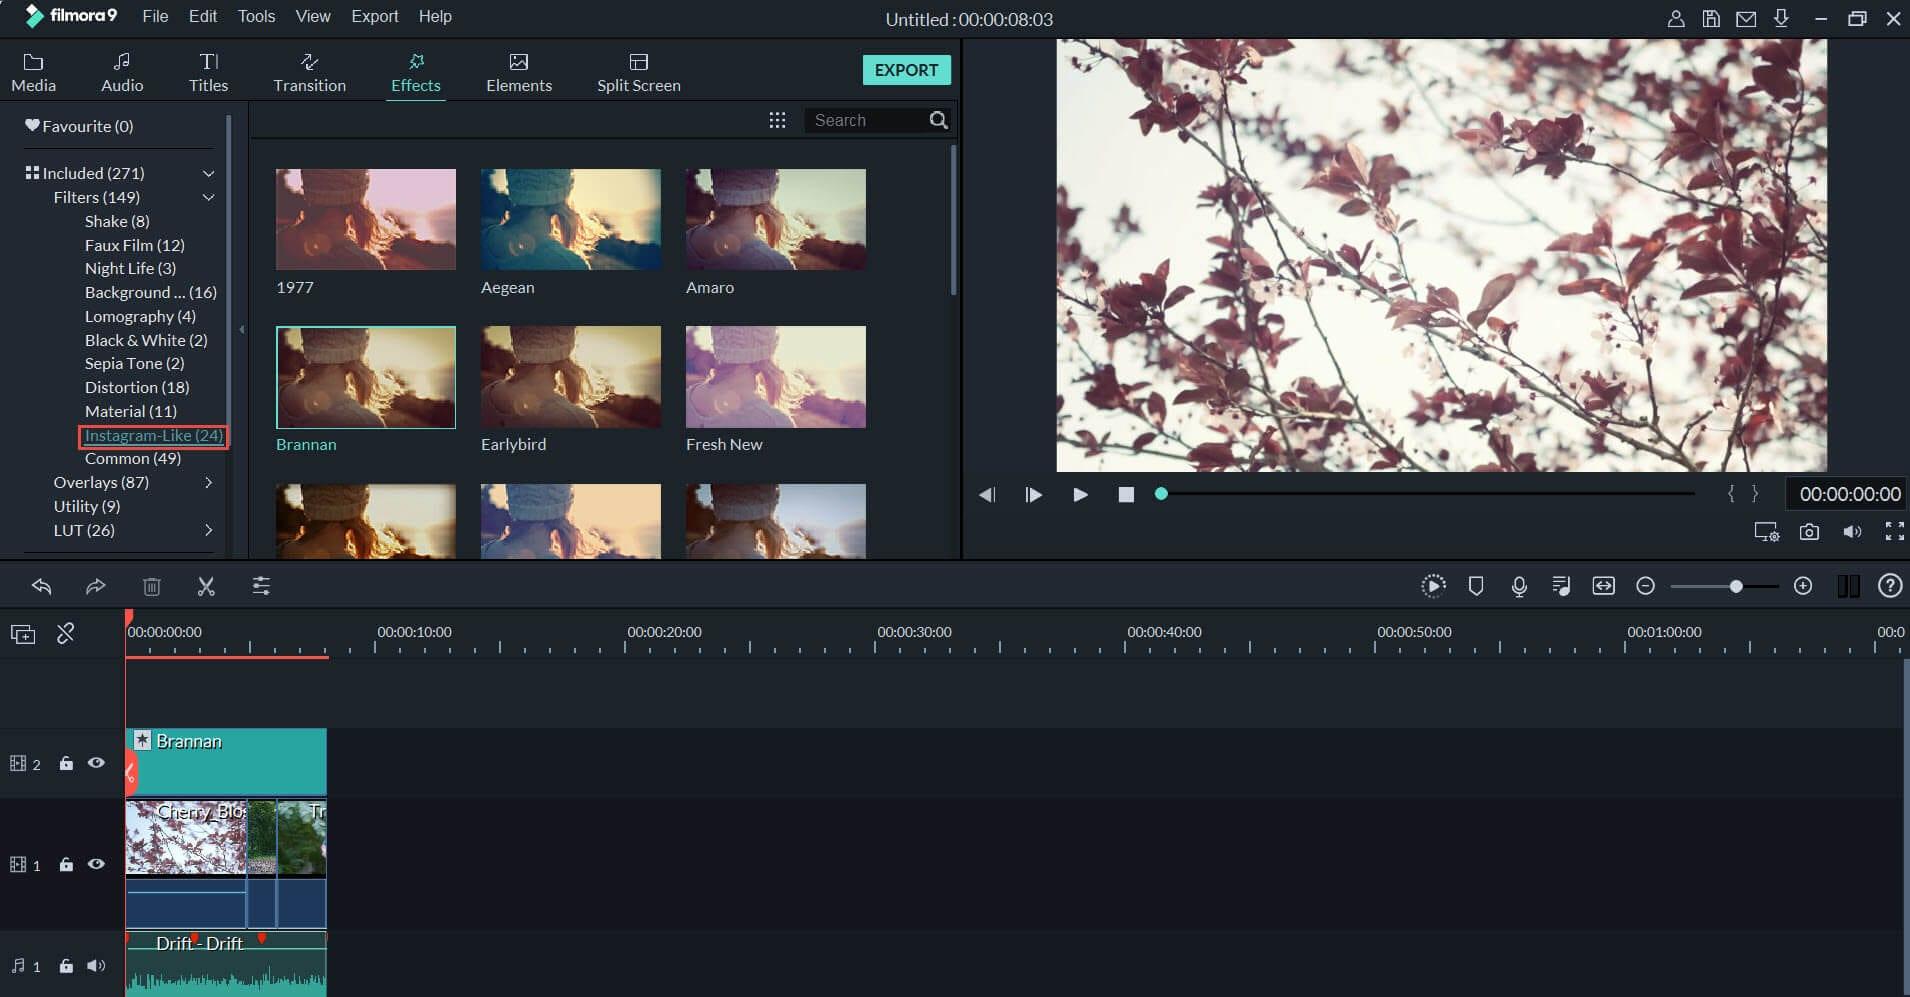 add-filmora9-filters